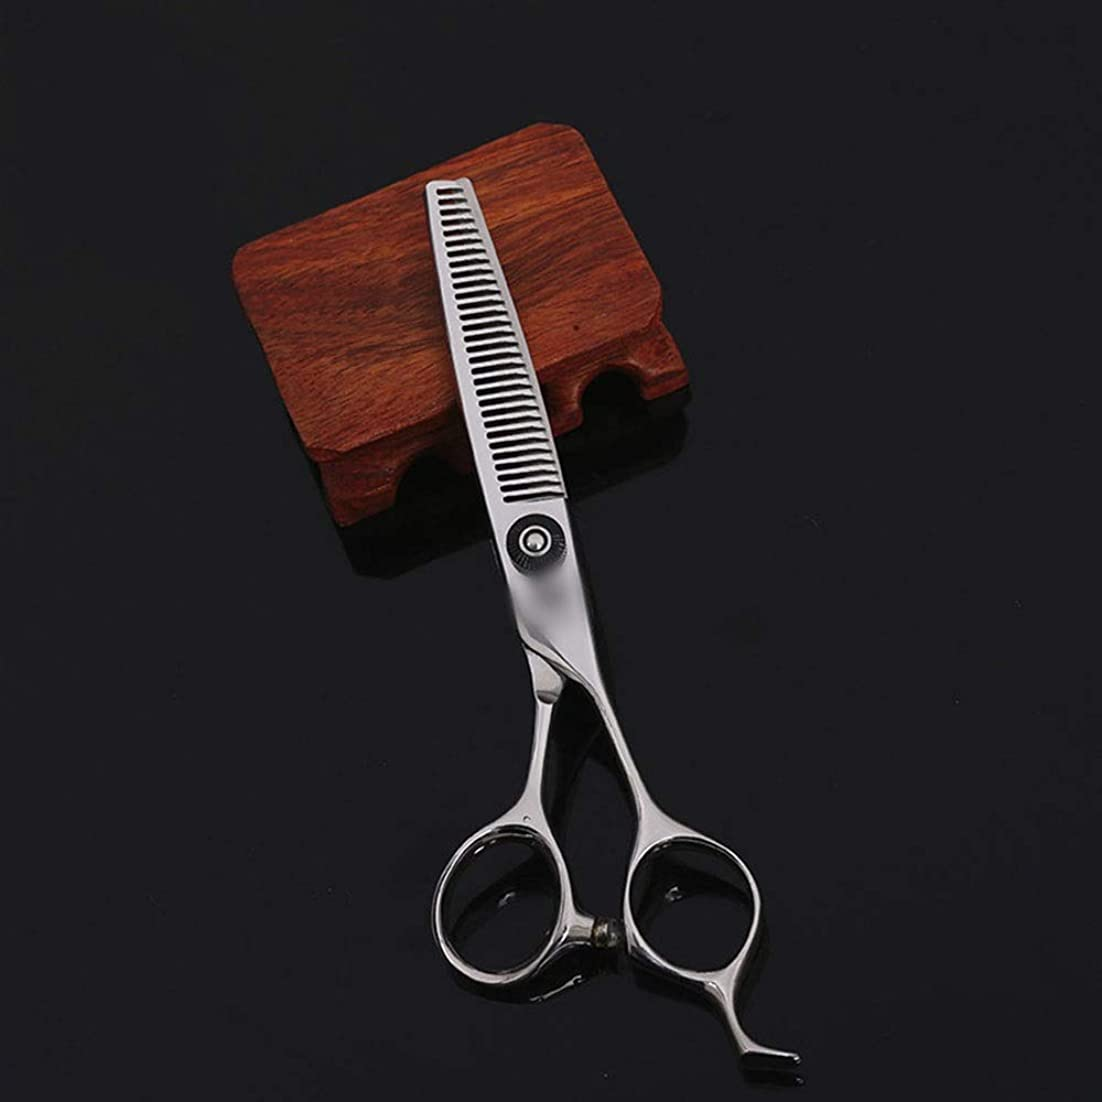 時間干し草記述するZYDP 6インチトゥースカット理髪師特別ハイエンドプロフェッショナルステンレススチール理髪はさみ (色 : Silver)